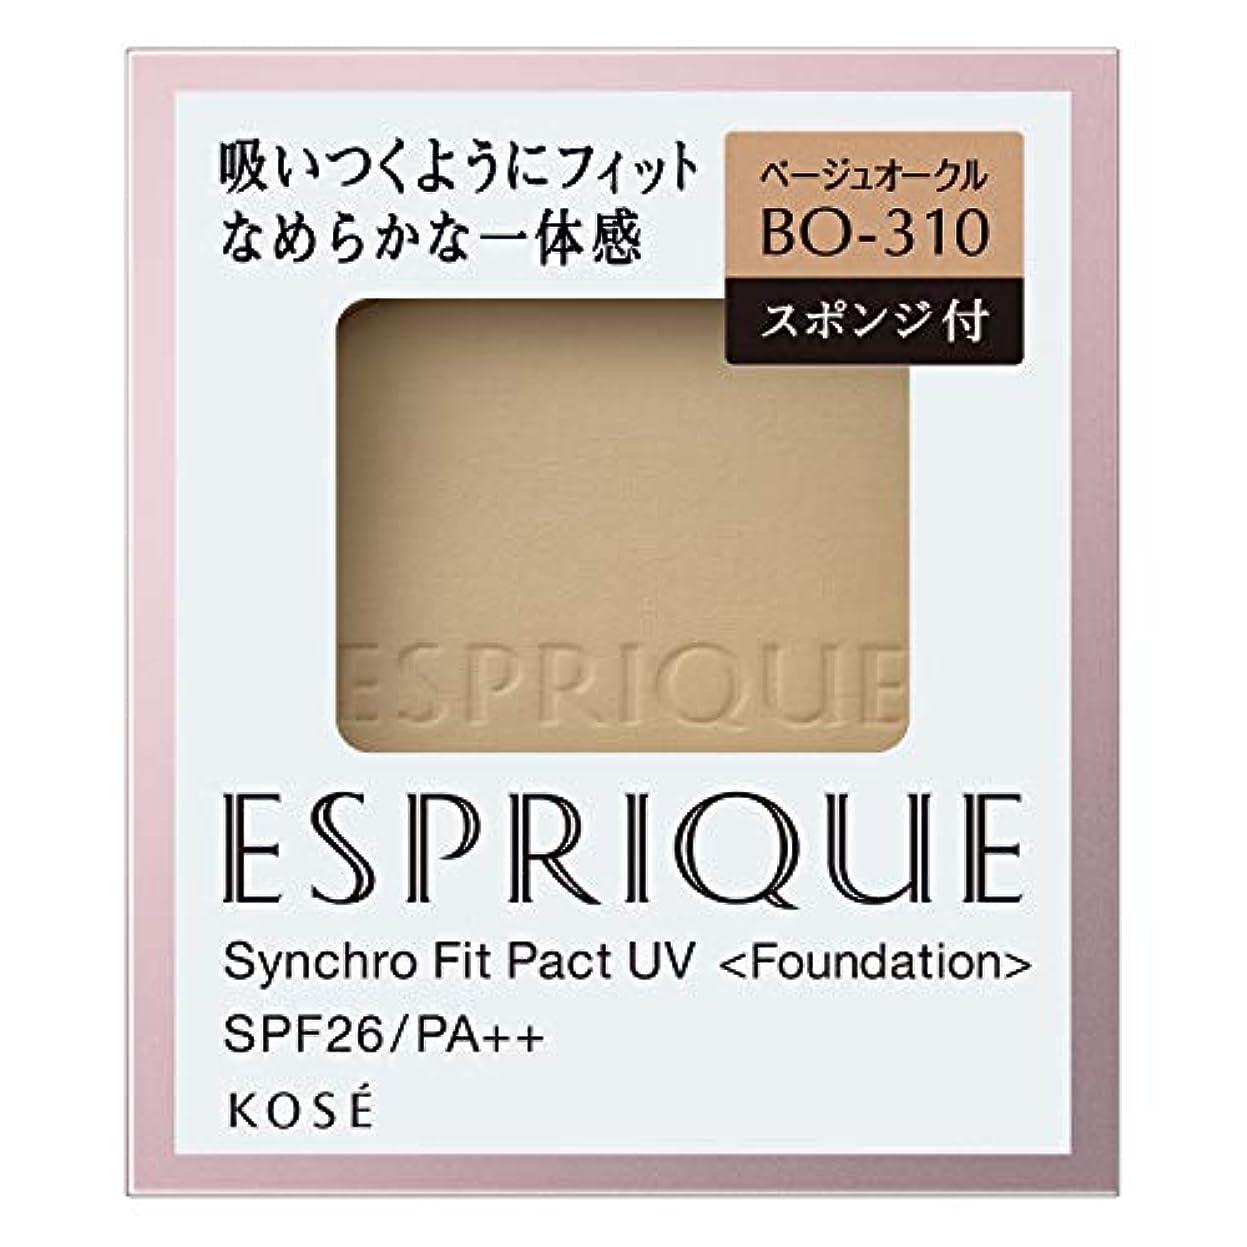 シャーク均等に半球エスプリーク シンクロフィット パクト UV BO-310 ベージュオークル 9.3g